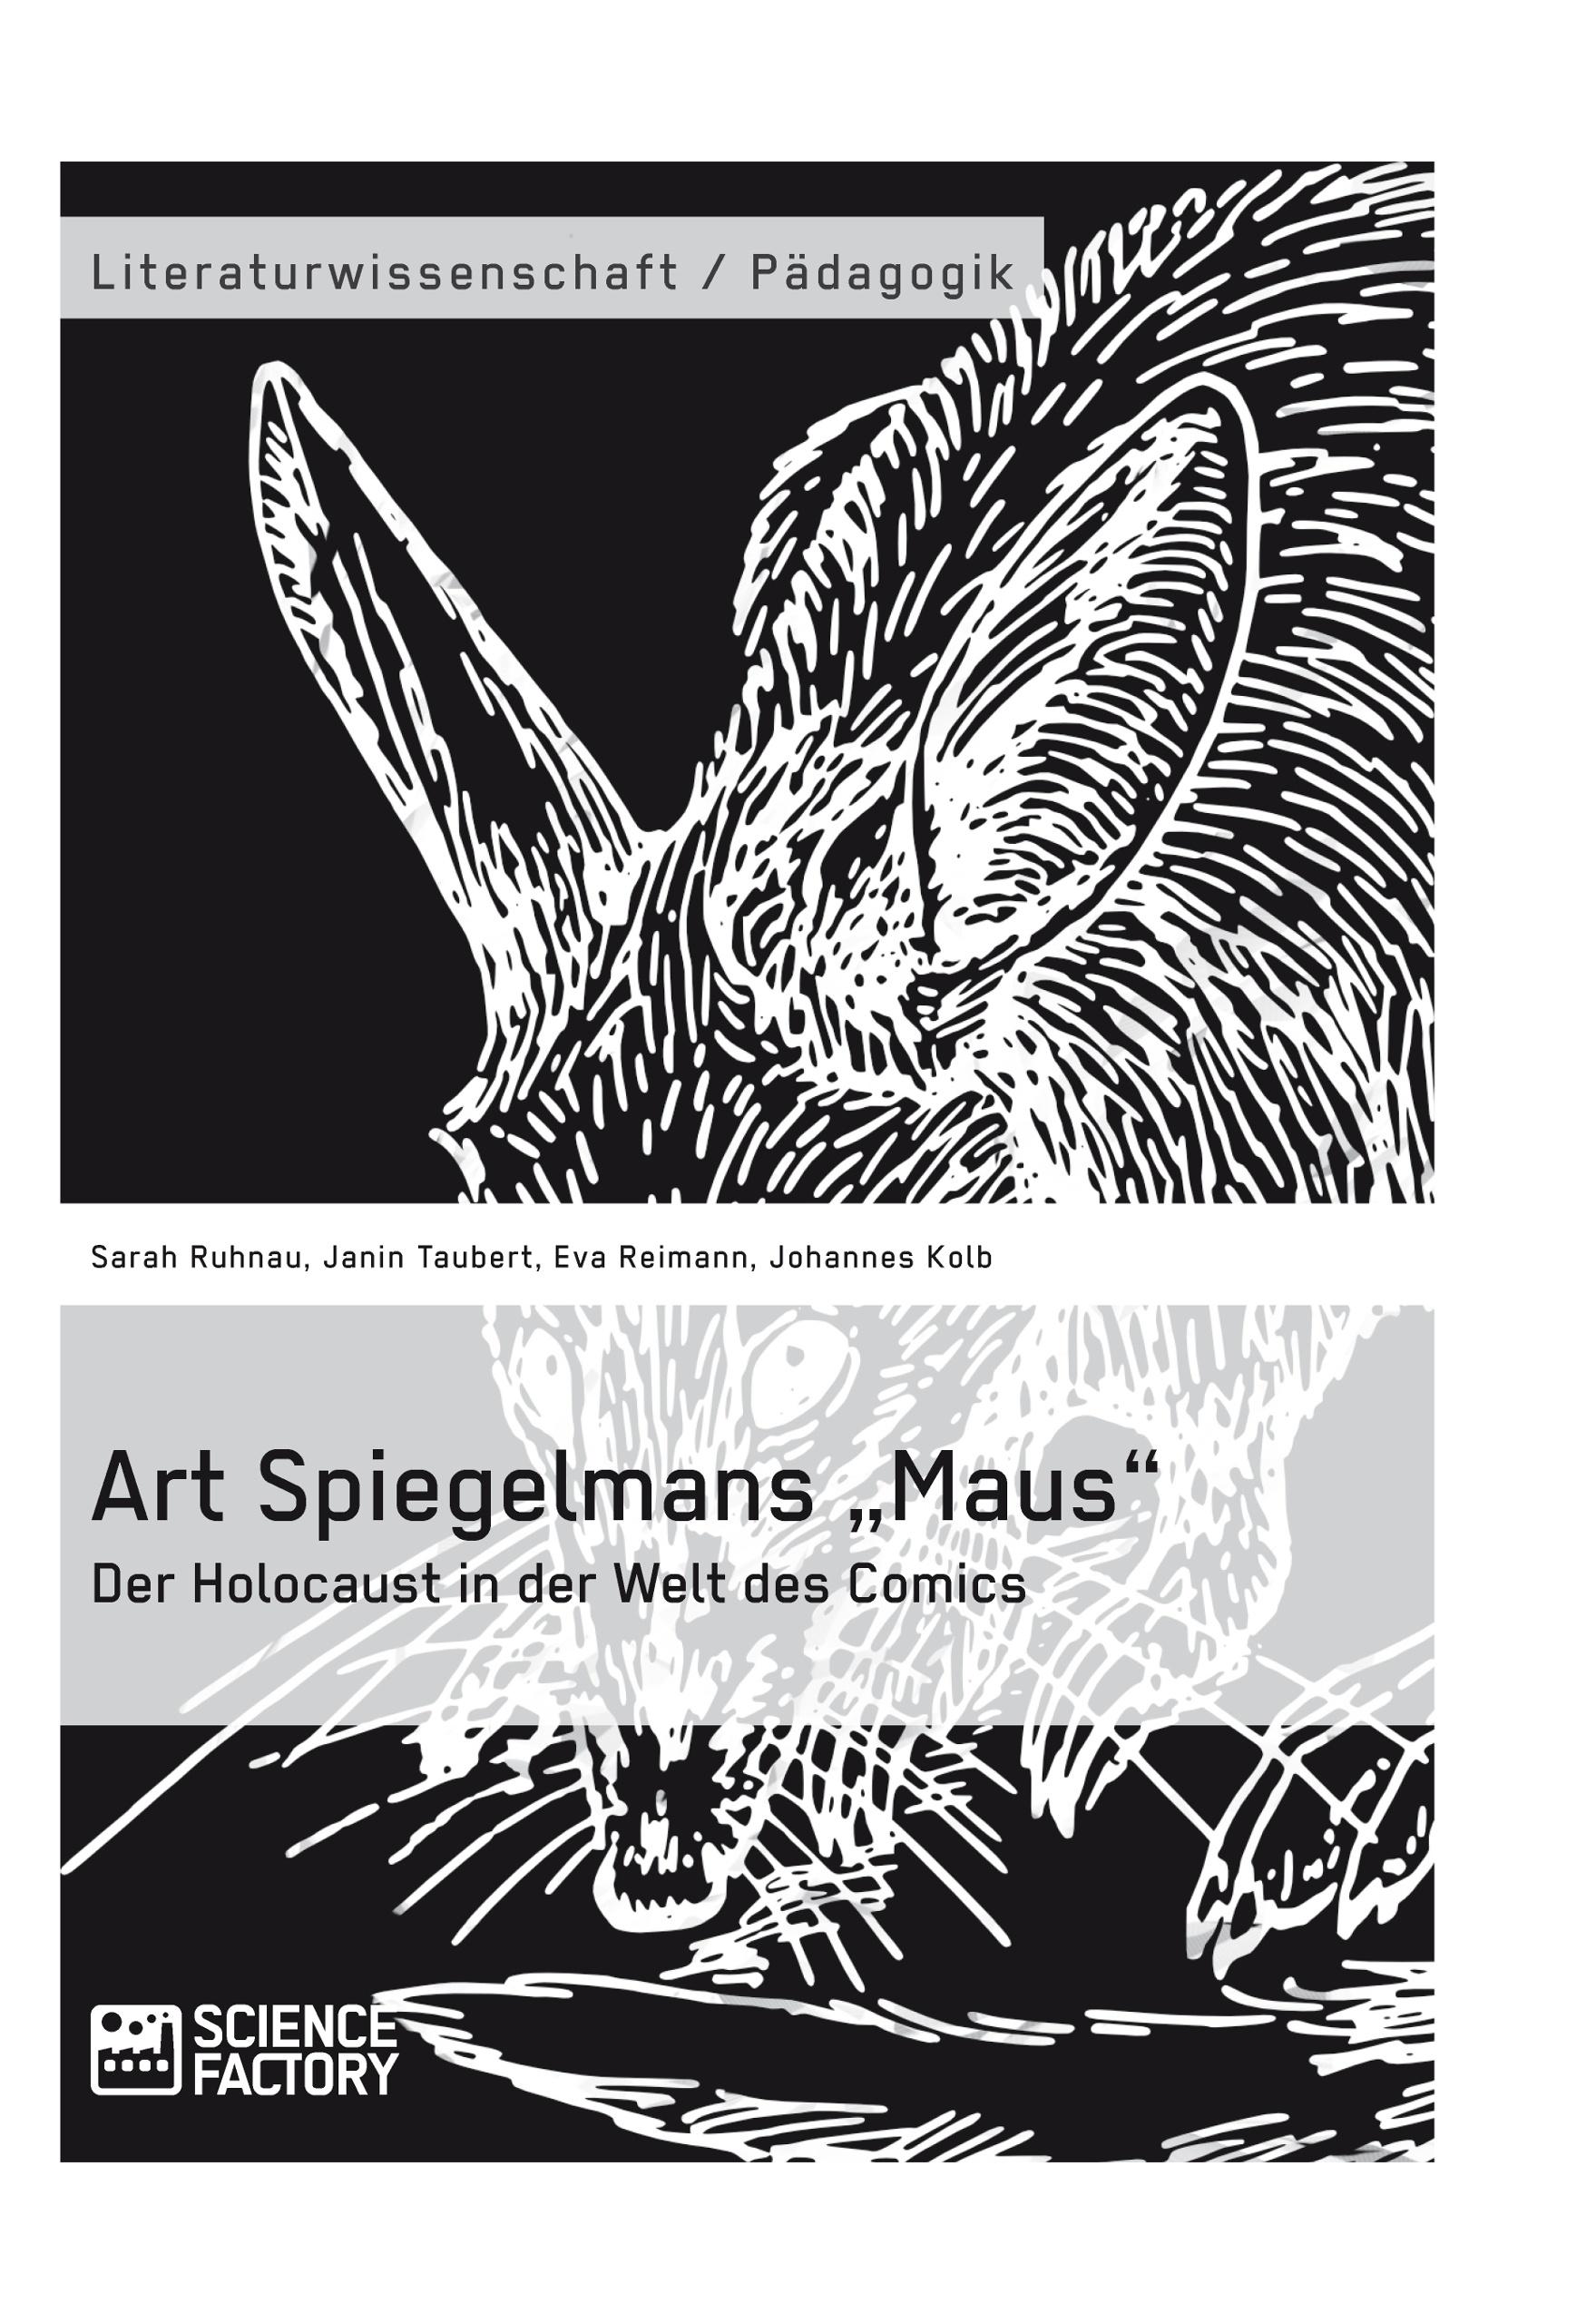 Groschenhefte/Schundliteratur/Pulp Fiction/Nickel Novel/Manga-Hefte